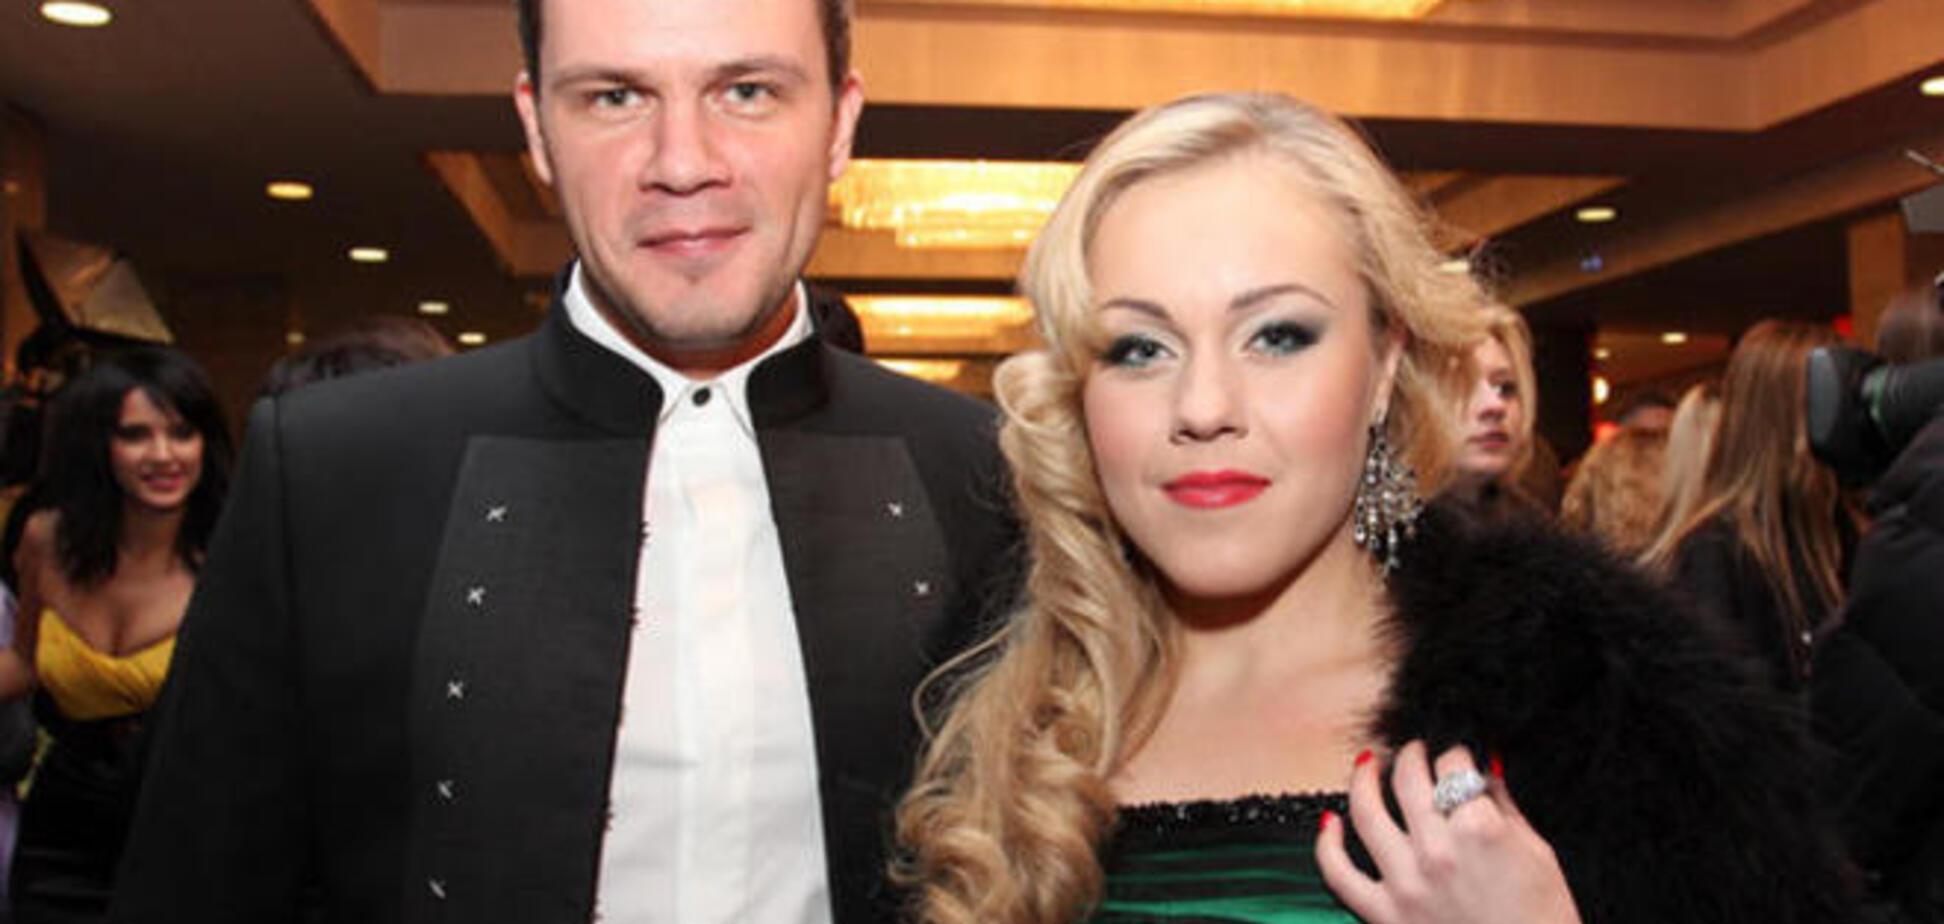 Продюсер Вадим Лисица рассказал, сколько стоит участие в 'Евровидении' и как кидают украинских звезд